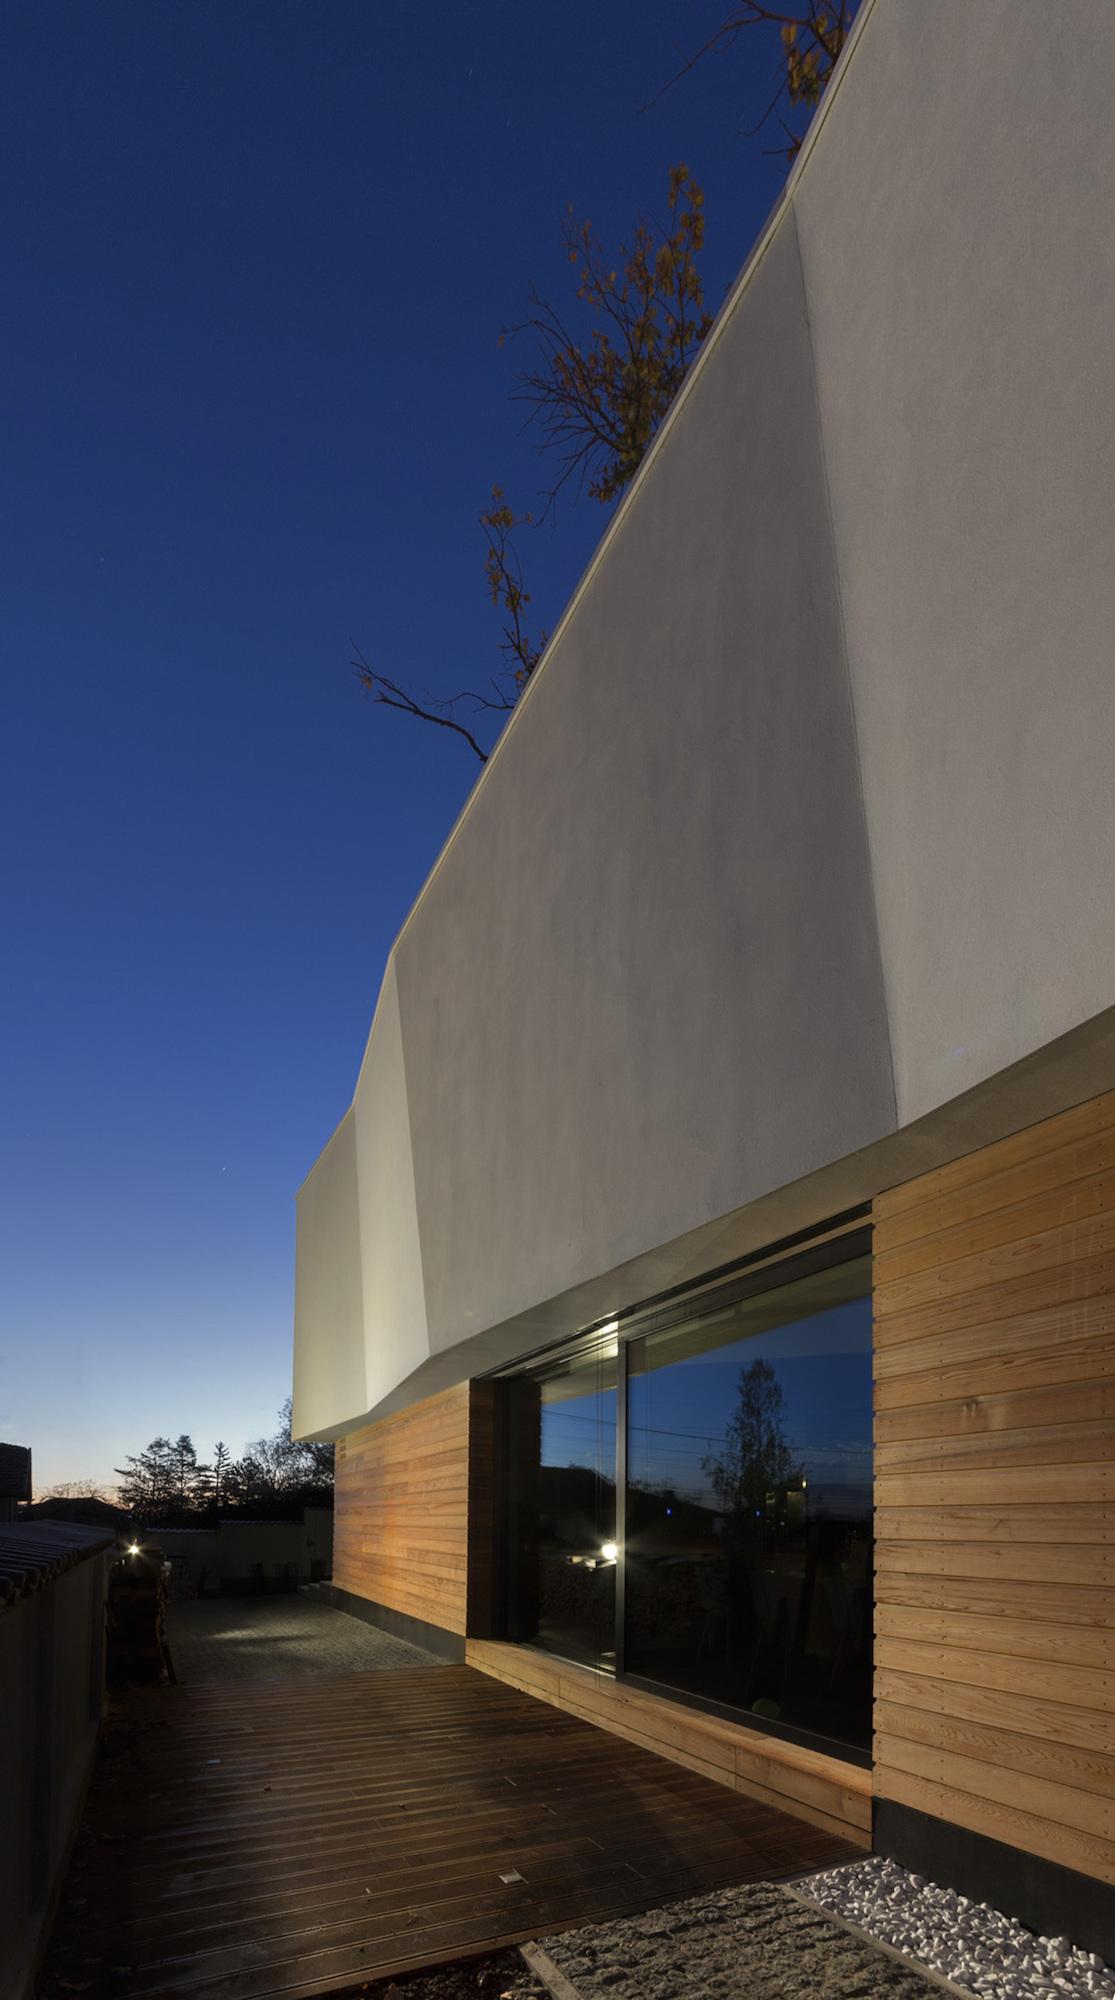 2-oaks-house-obia_obia_2oaks_image_05_georgi_ivanov